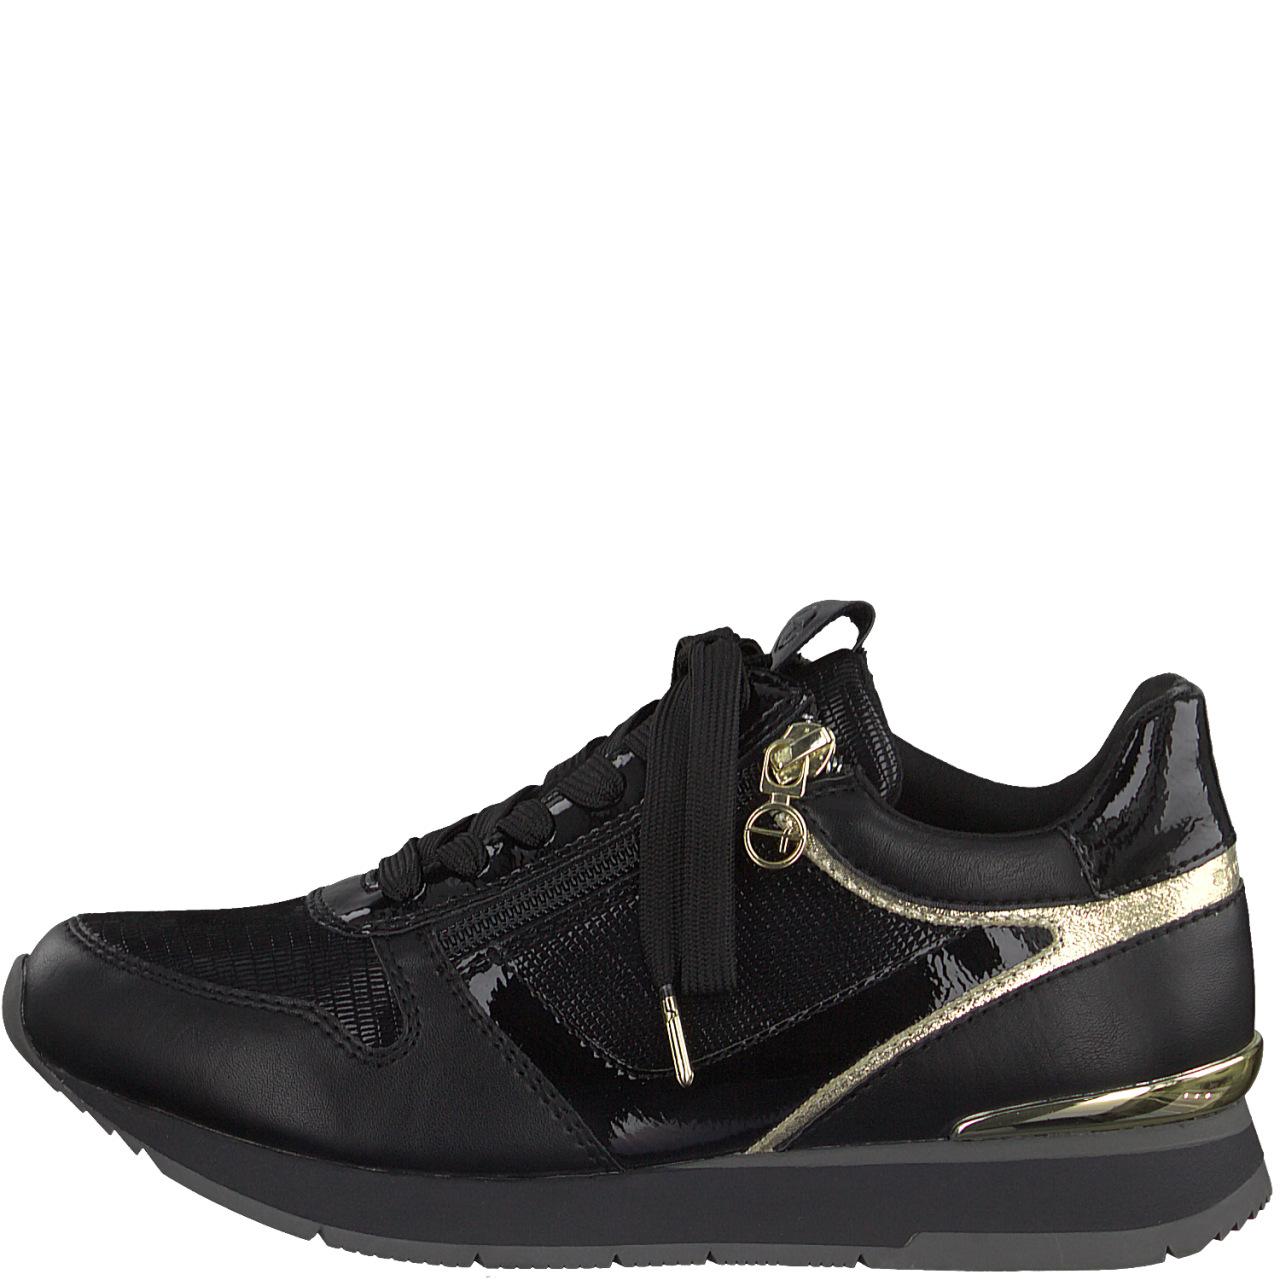 Tamaris 23603 sneakers, black/gold, 40